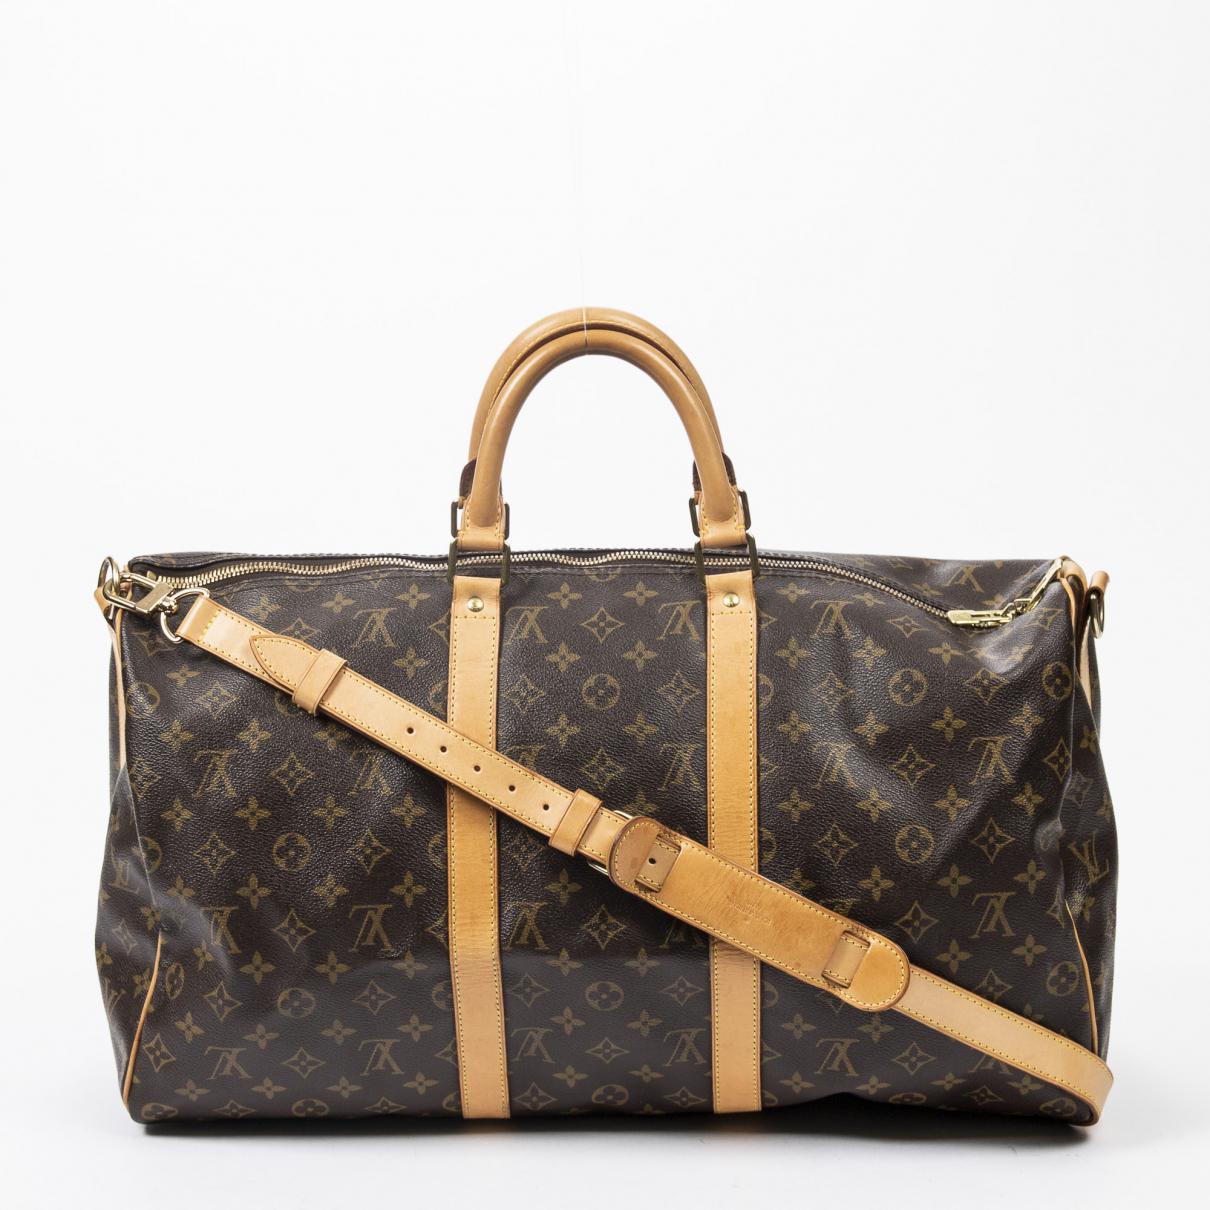 Louis Vuitton Keepall Reisetasche in  Braun Baumwolle